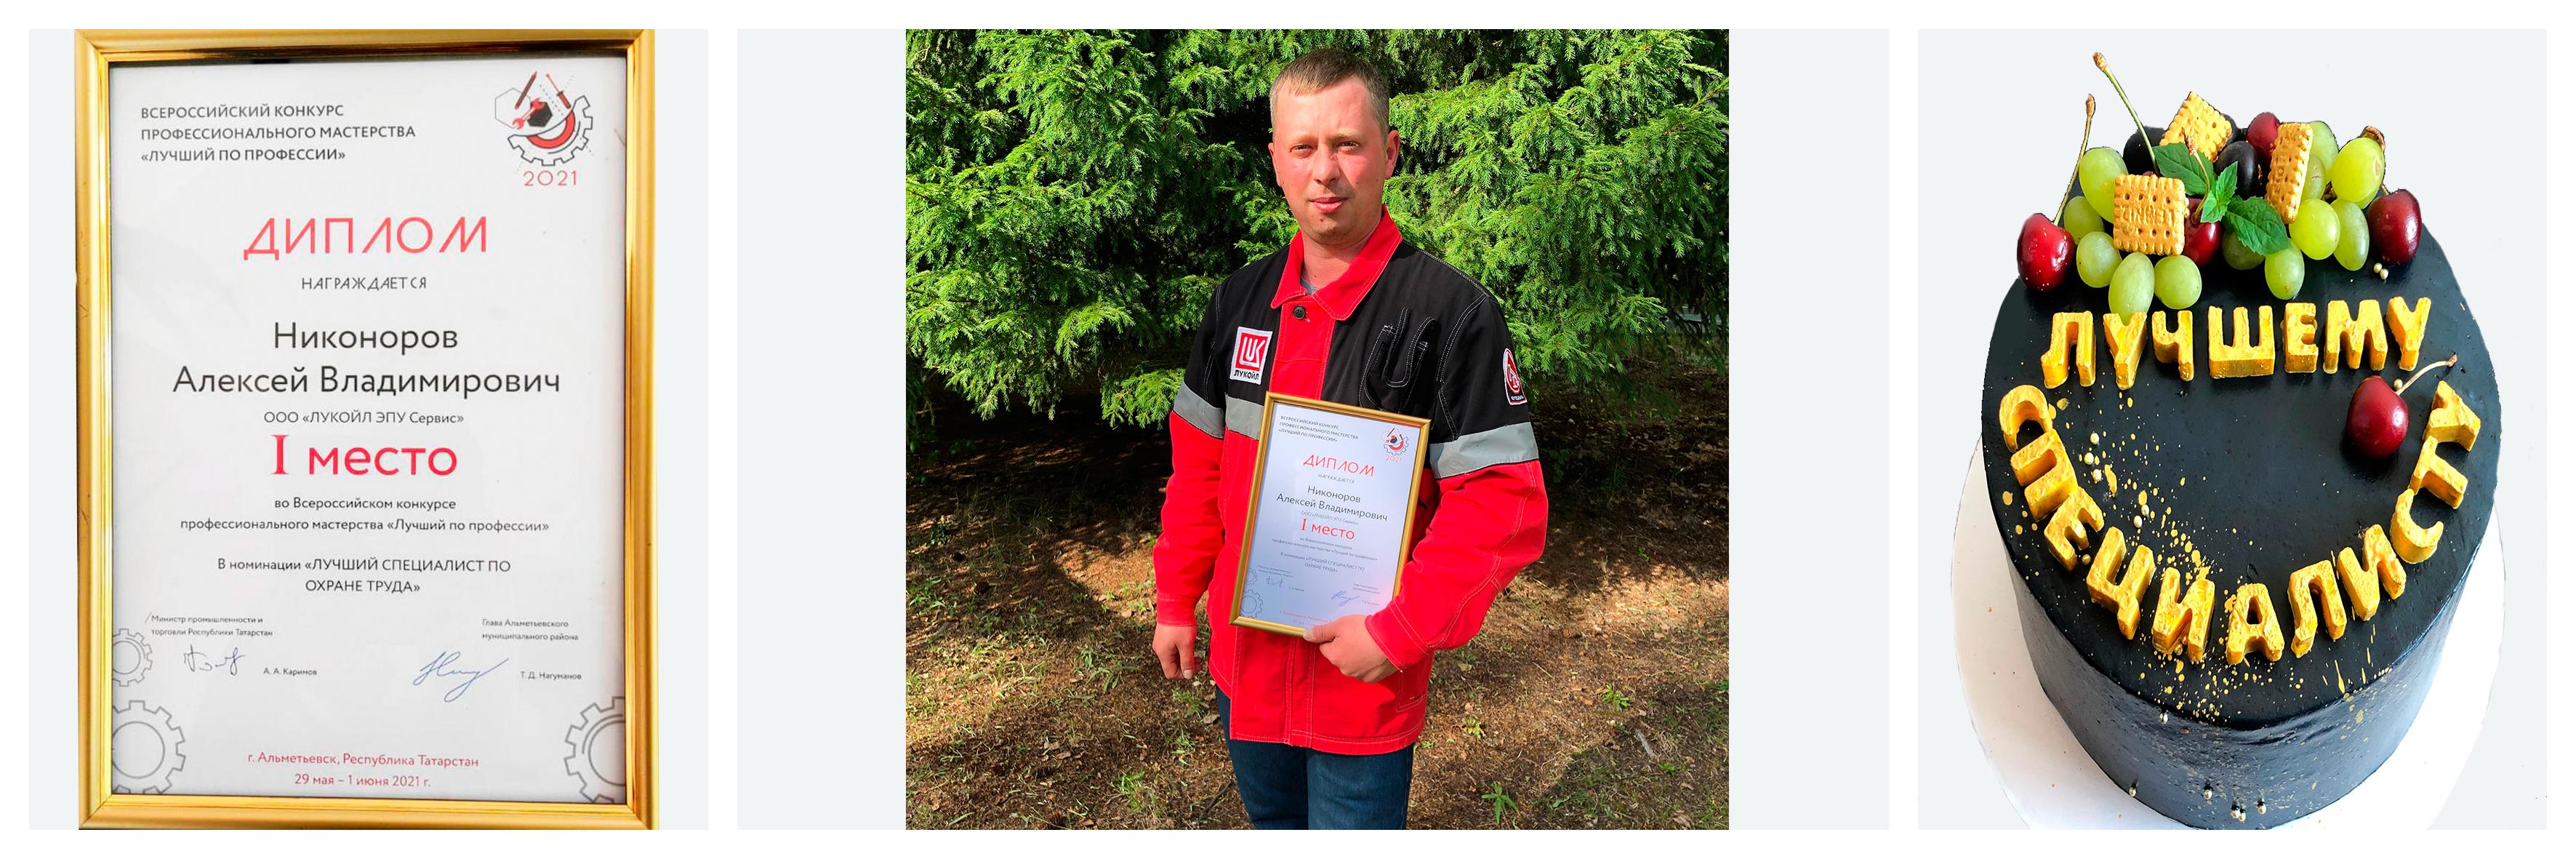 Алексей Никоноров - руководитель службы промышленной безопасности, охраны труда и окружающей среды Сервисного центра в г.Урай, одержал победу в номинации «Лучший специалист по охране труда».